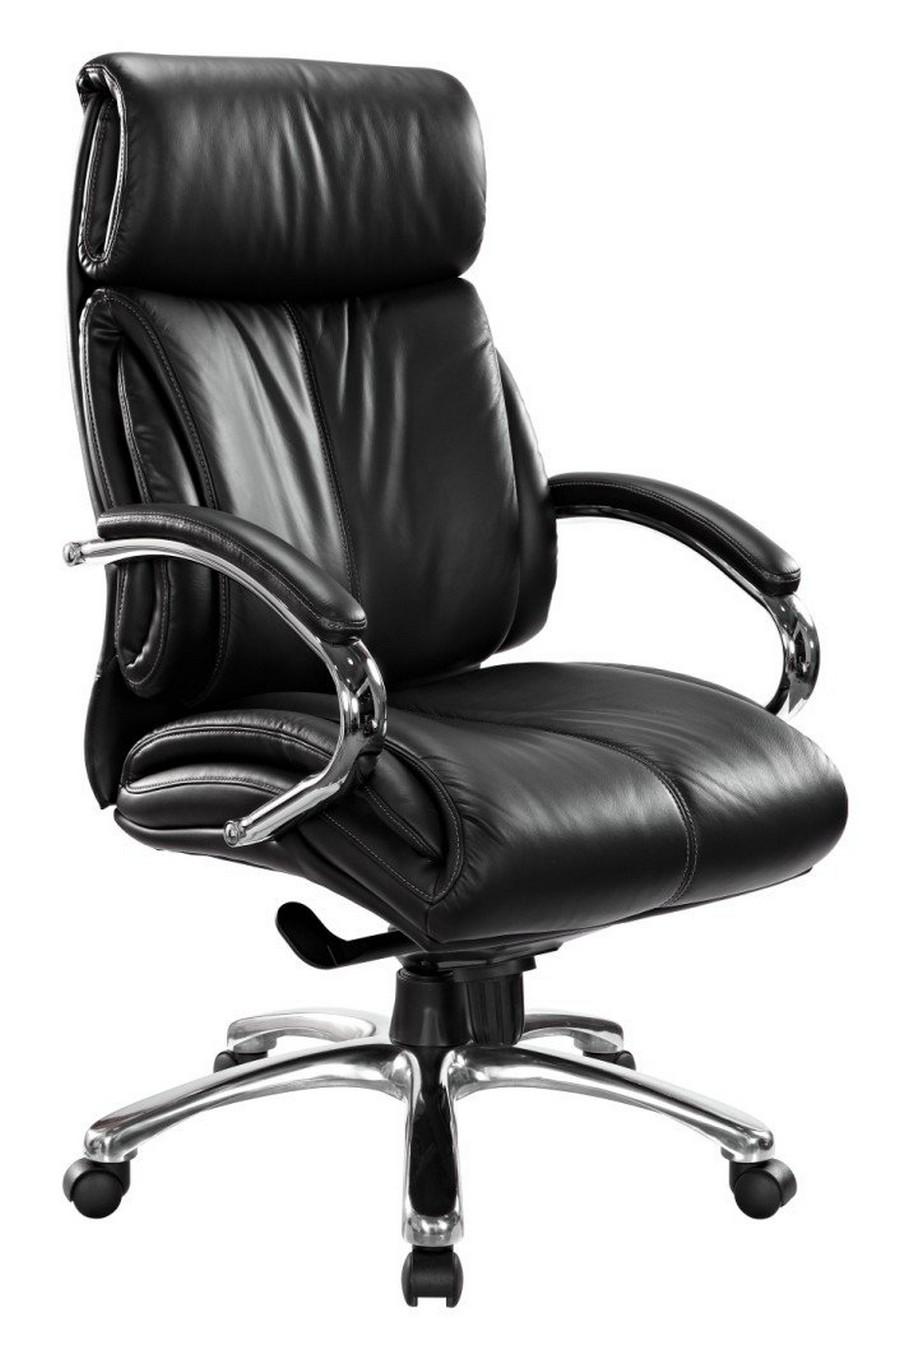 Выбираем компьютерное кресло - на что обратить внимание 7